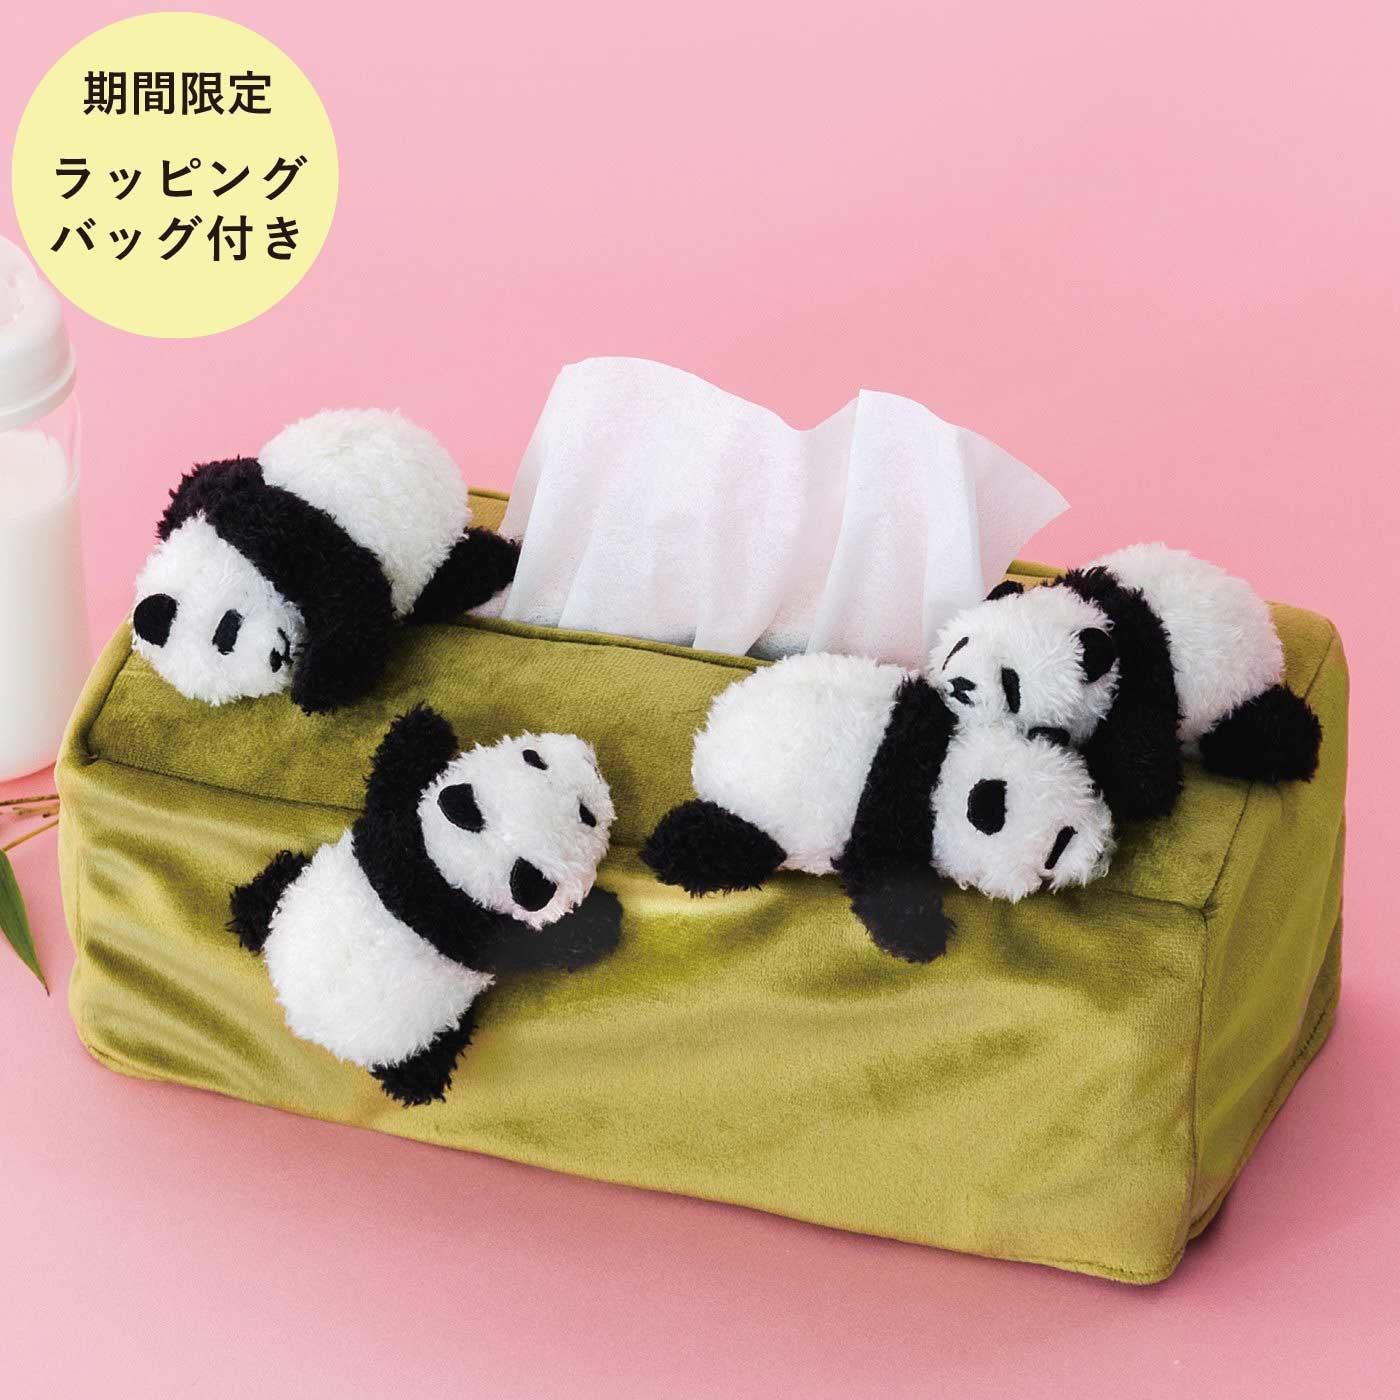 【ラッピングバッグ付き!】YOU+MORE! まるで赤ちゃんパンダのお披露目会みたいなボックスティッシュカバー